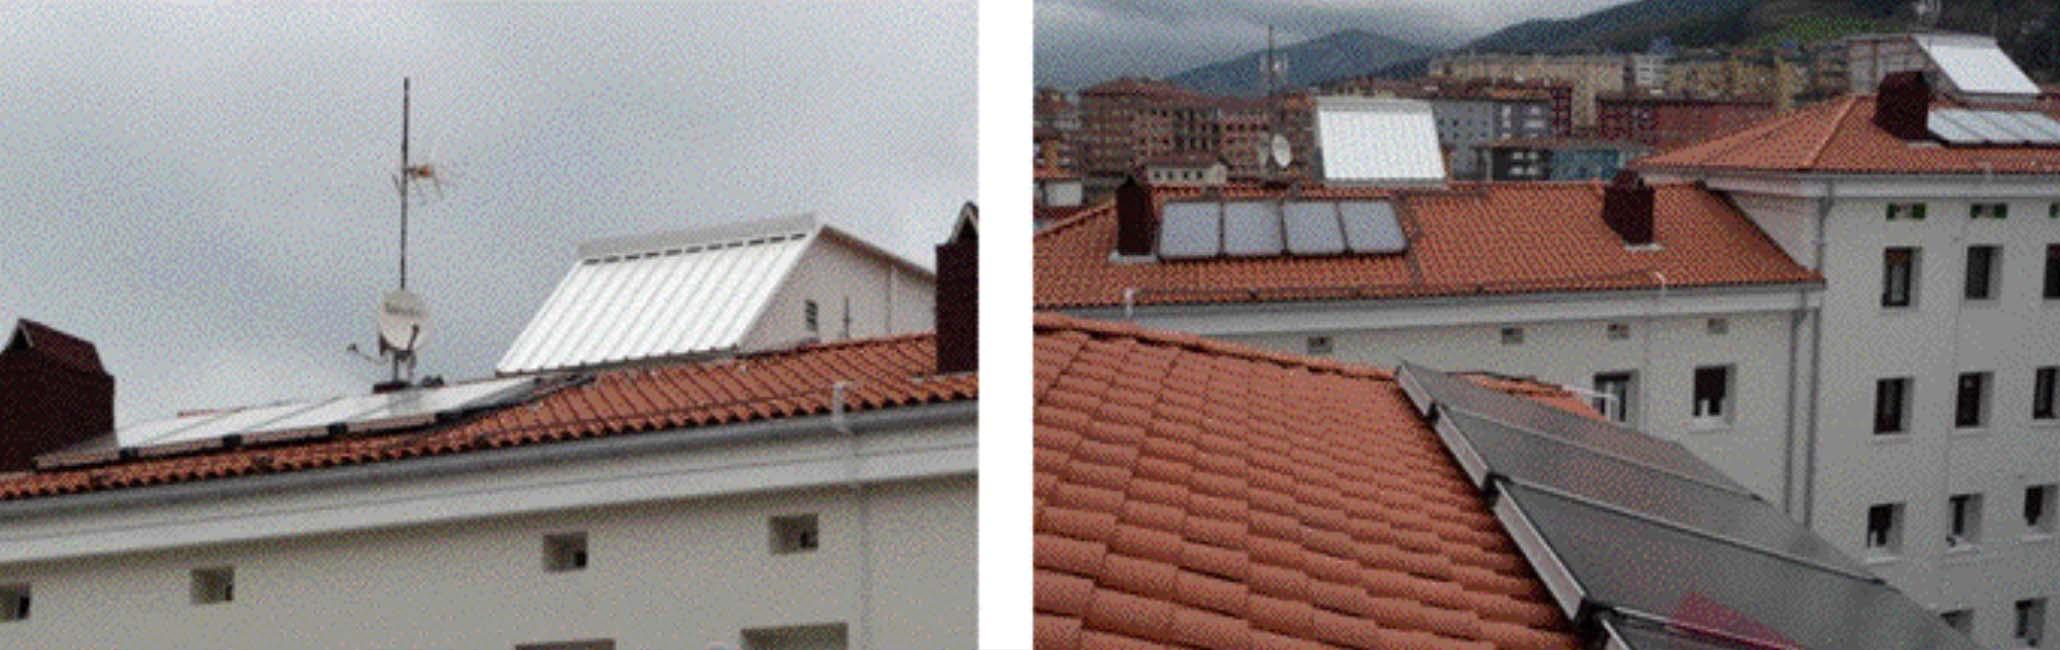 edificio4_tejado.jpg